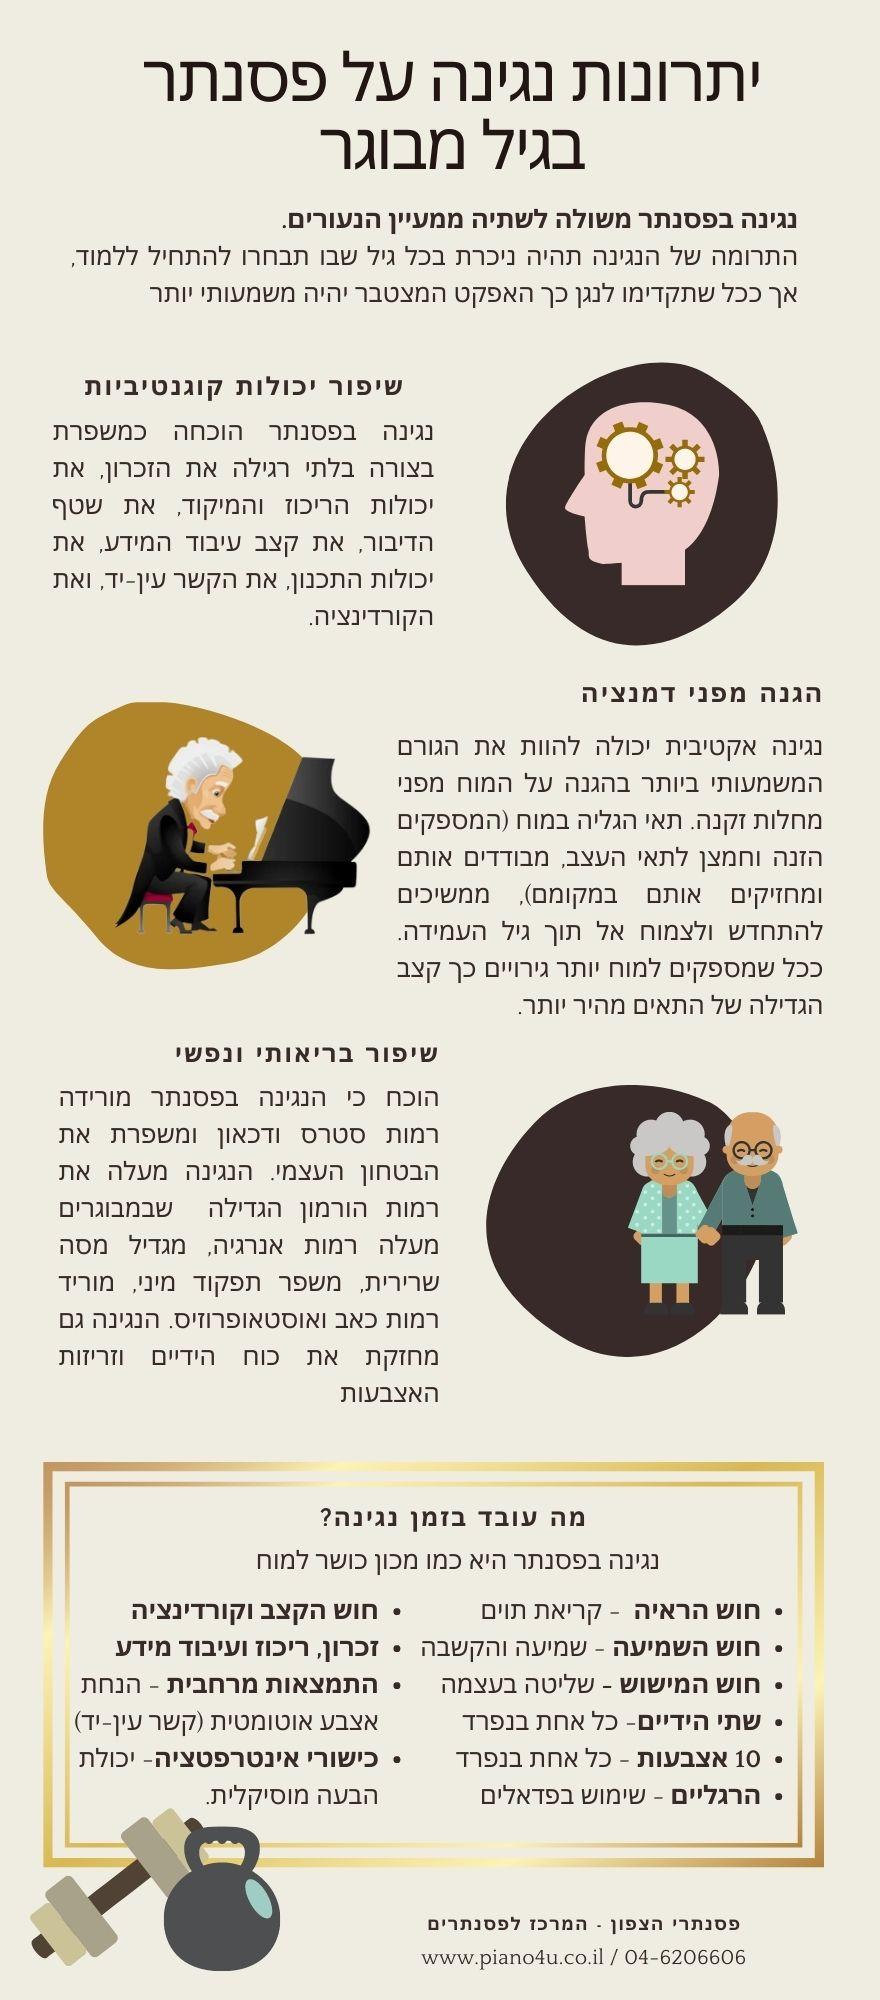 האם אפשר להתחיל לנגן בפסנתר בגיל מבוגר